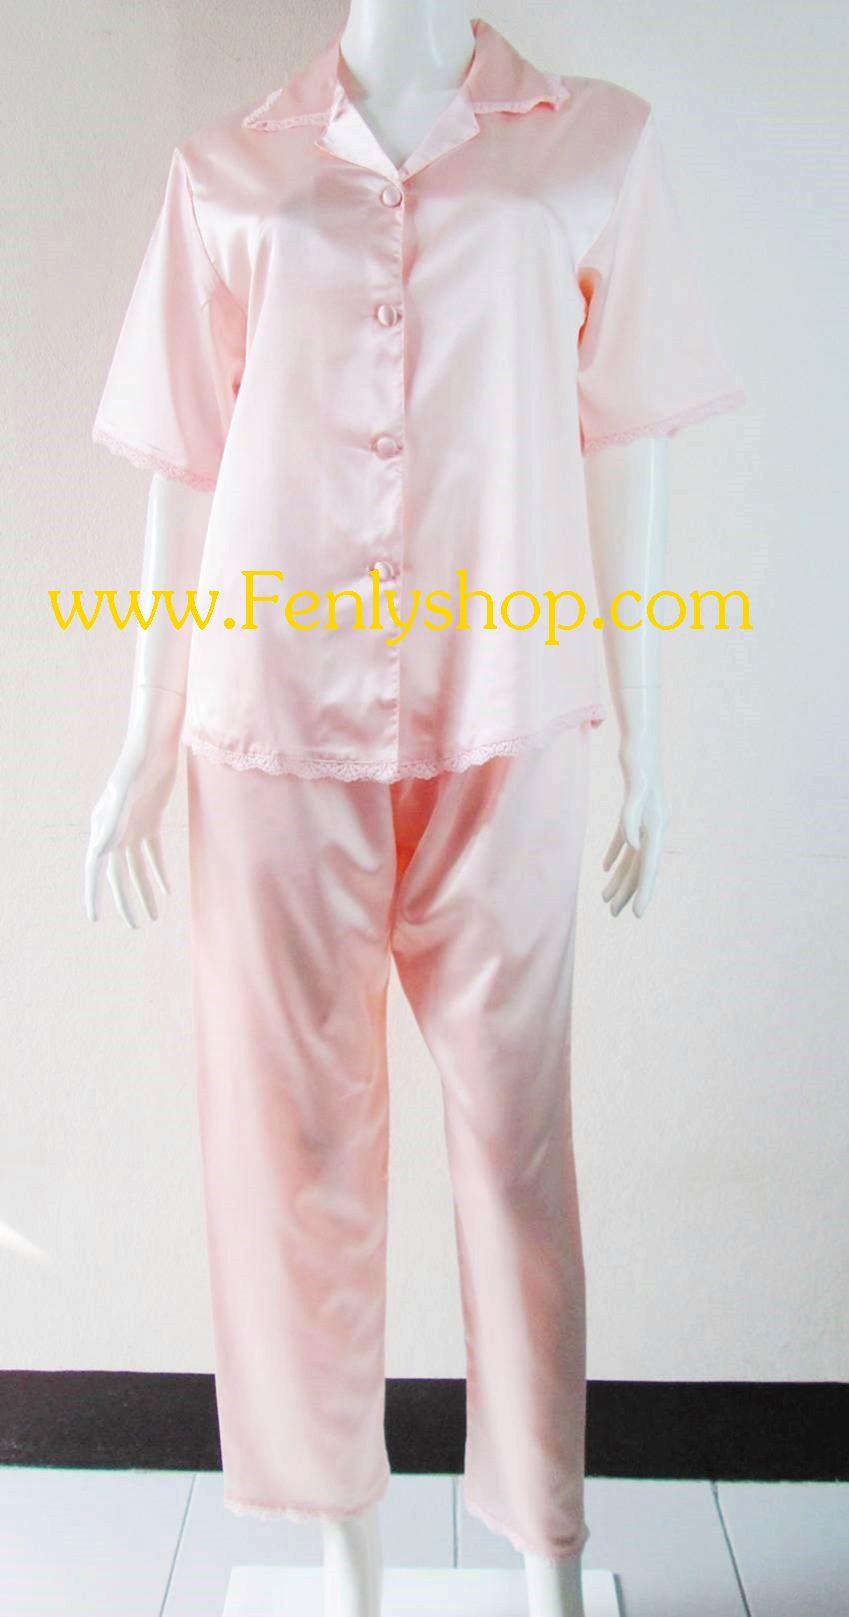 ชุดนอน(ญ)ผ้าซาตินแขนสั้นขายาวฟรีไซส์ แบบสีพื้นโทนส้มอ่อน ตกแต่งด้วยผ้าลูกไม้